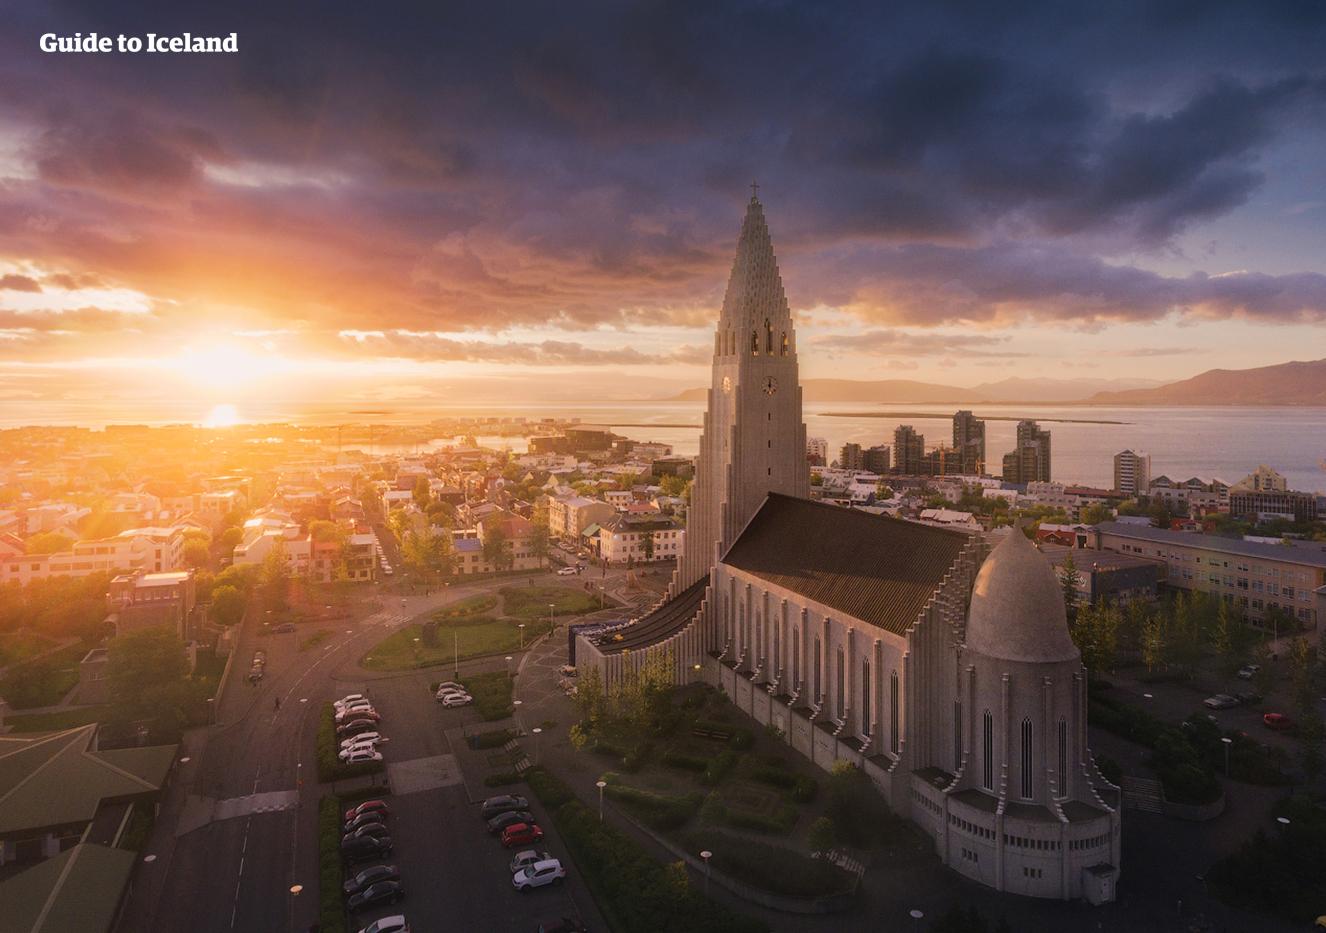 アイスランドの旅行の仕方